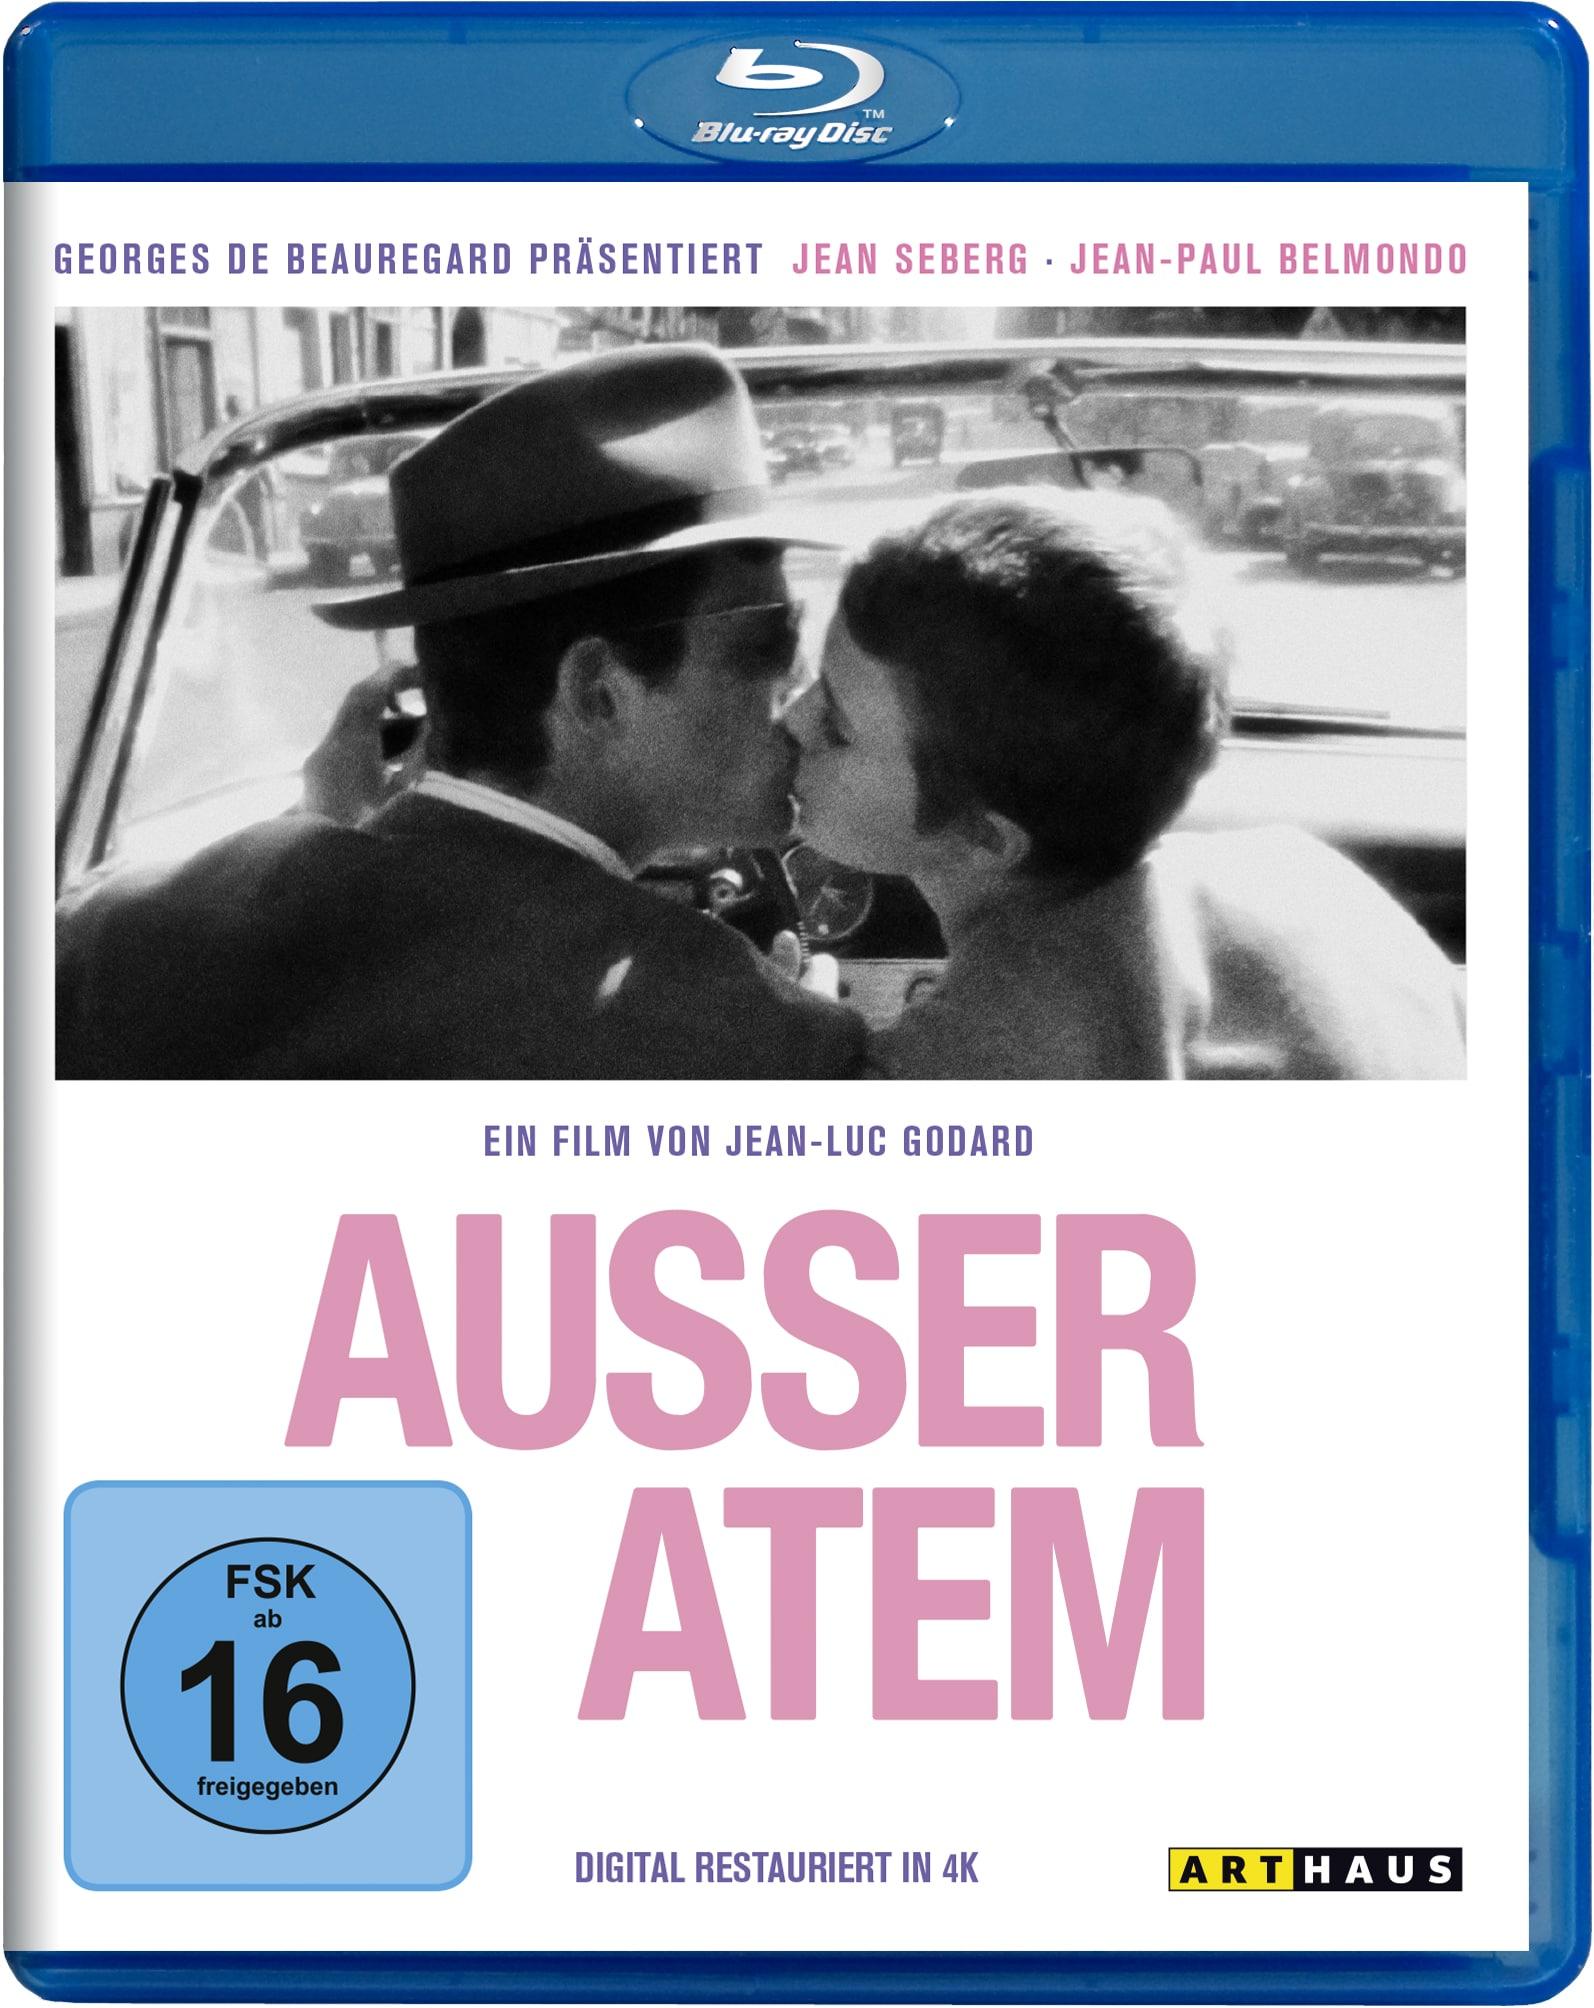 Das Cover der Blu-ray zu Außer Atem ist größtenteils schlicht in weiß gehalten. In der unteren Hälfte sehen wir den Filmtitel in Großbuchstaben und rosa Schrift, in der oberen Hälfte küsst sich das Filmpaar Michel (Jean-Paul Belmondo) und Patricia (Jean Seberg) im Auto.